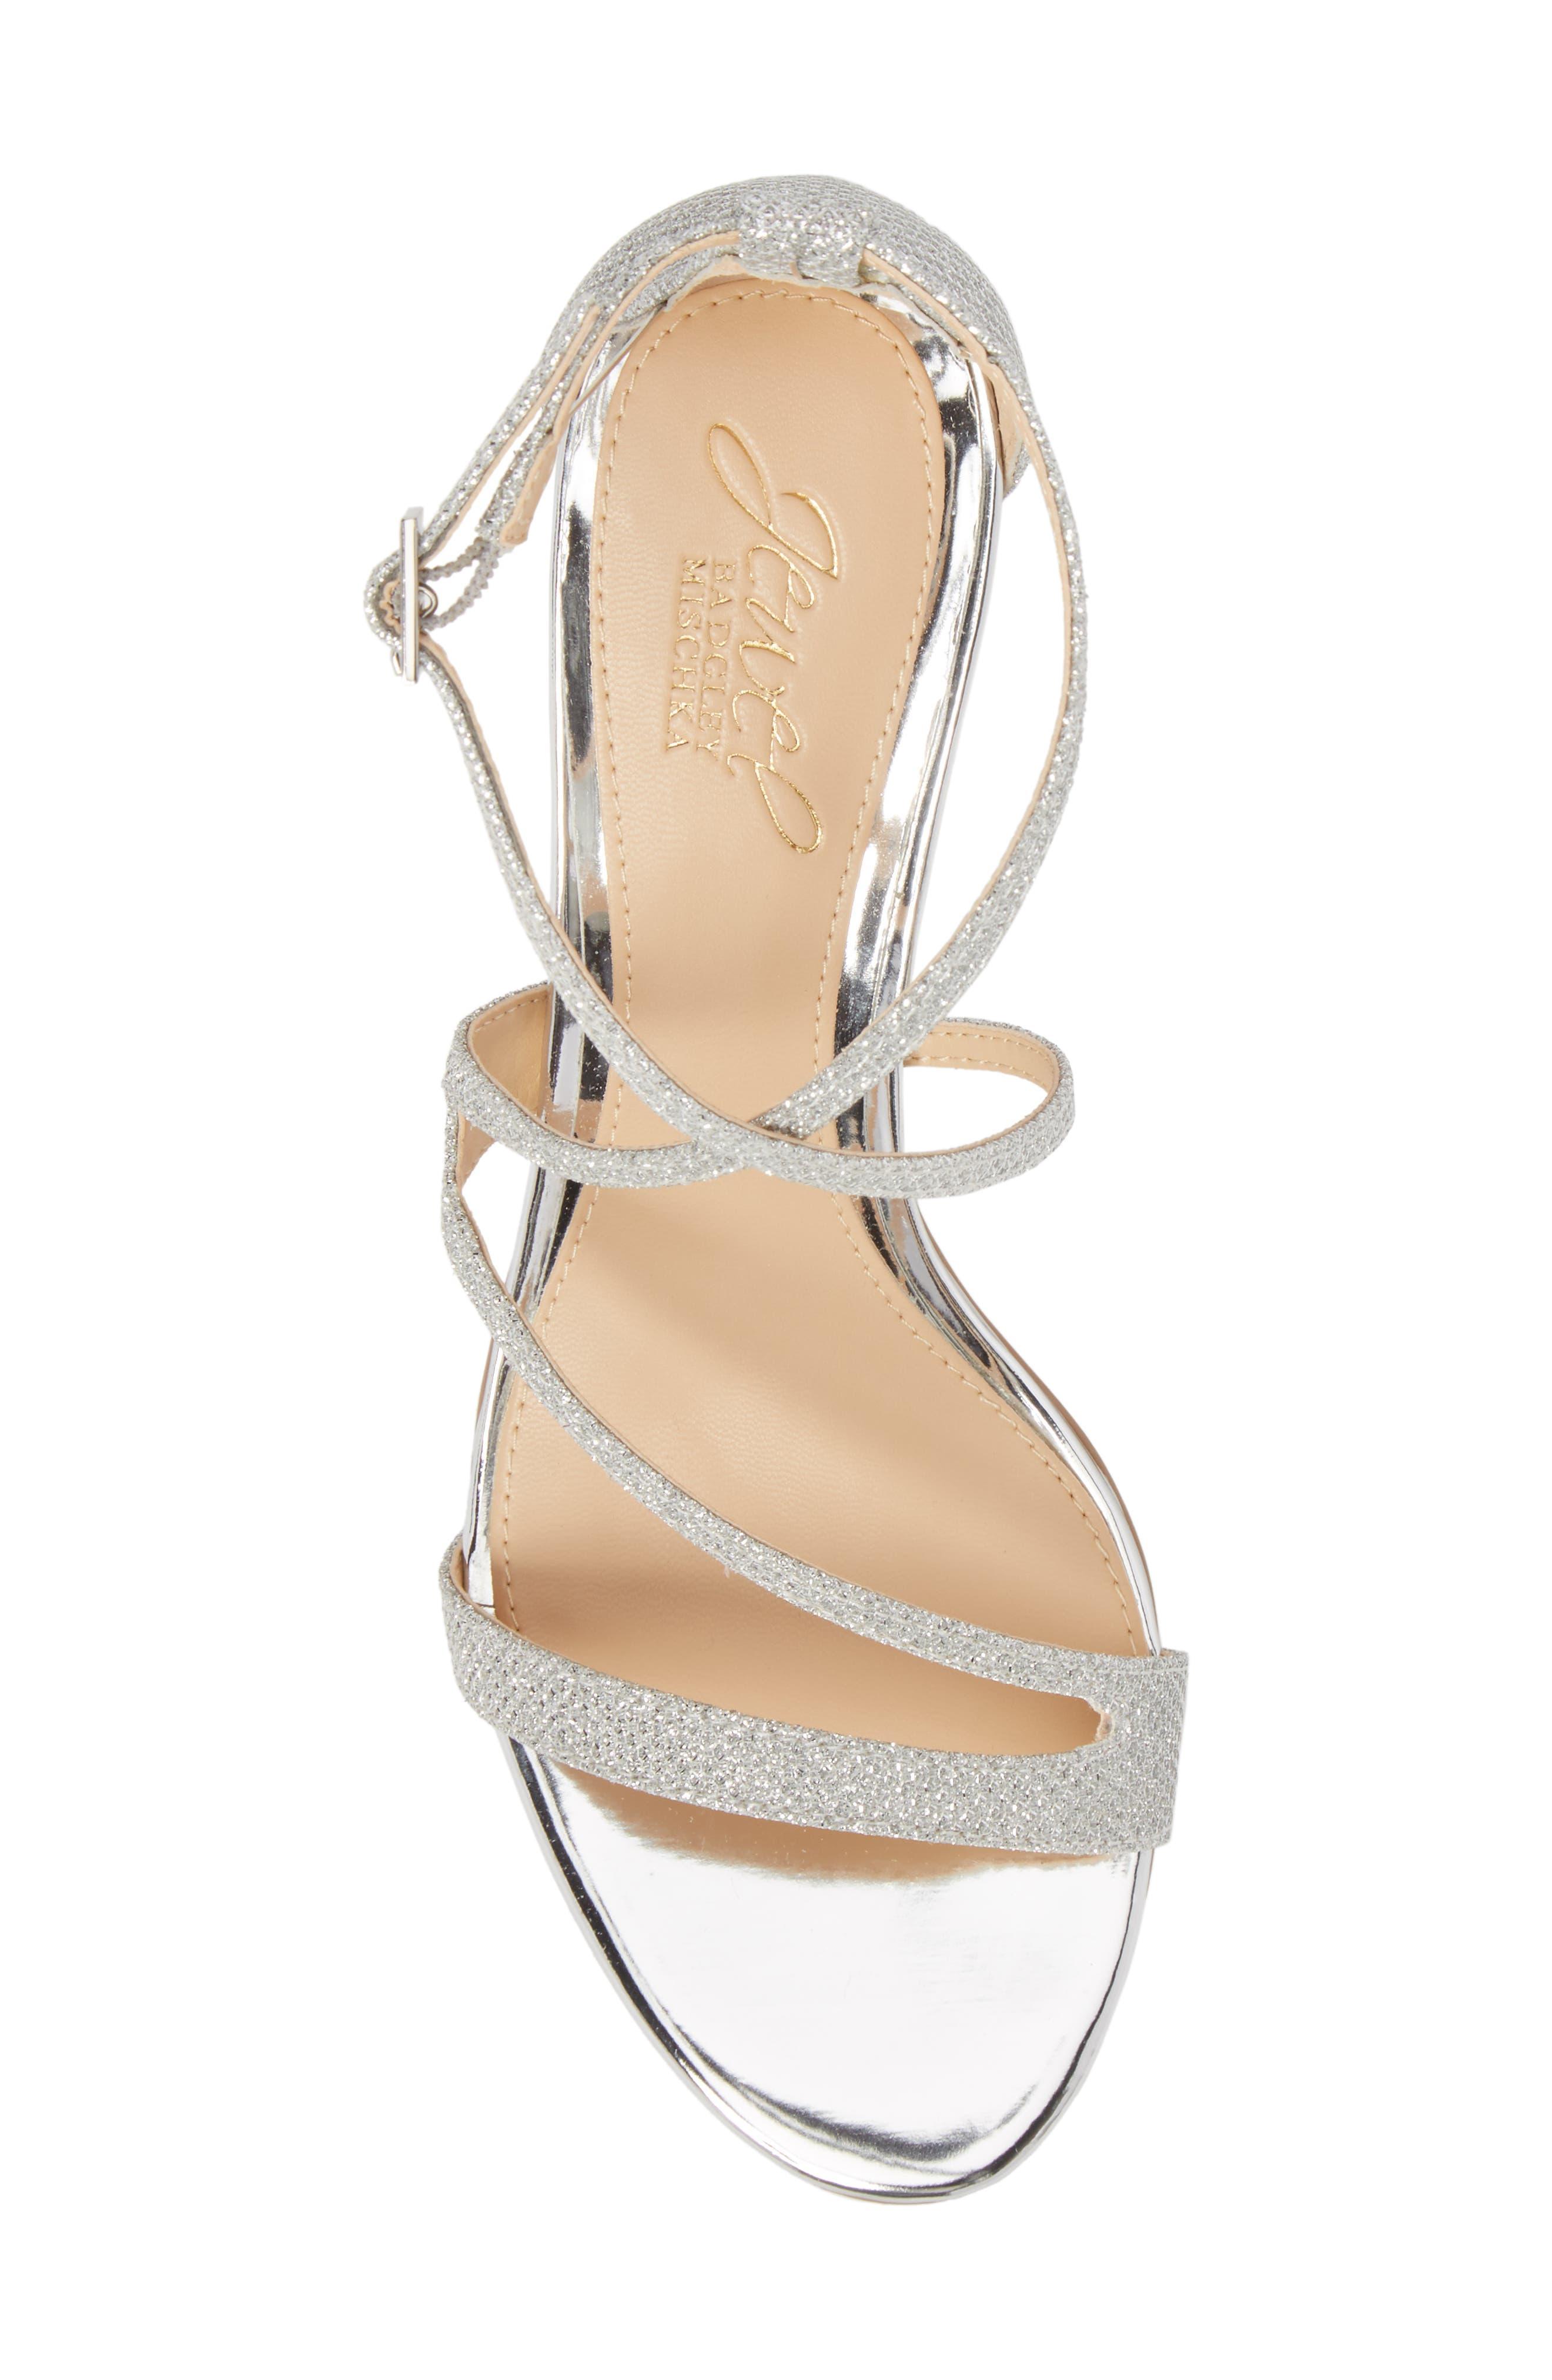 Gail Crystal Embellished Sandal,                             Alternate thumbnail 14, color,